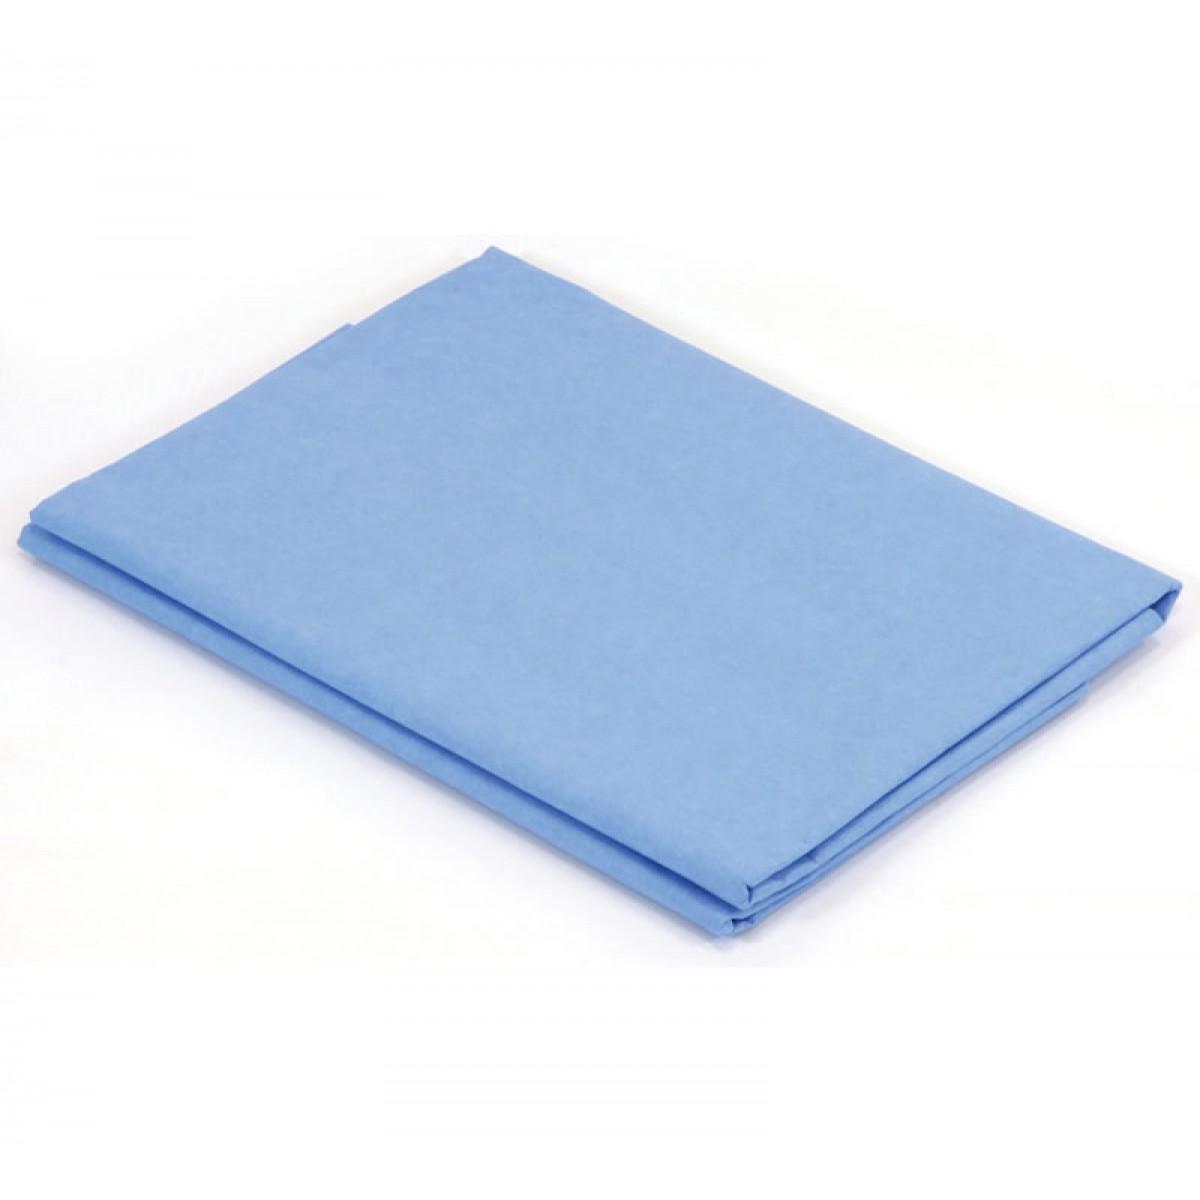 PLAIN DRAPES PVC